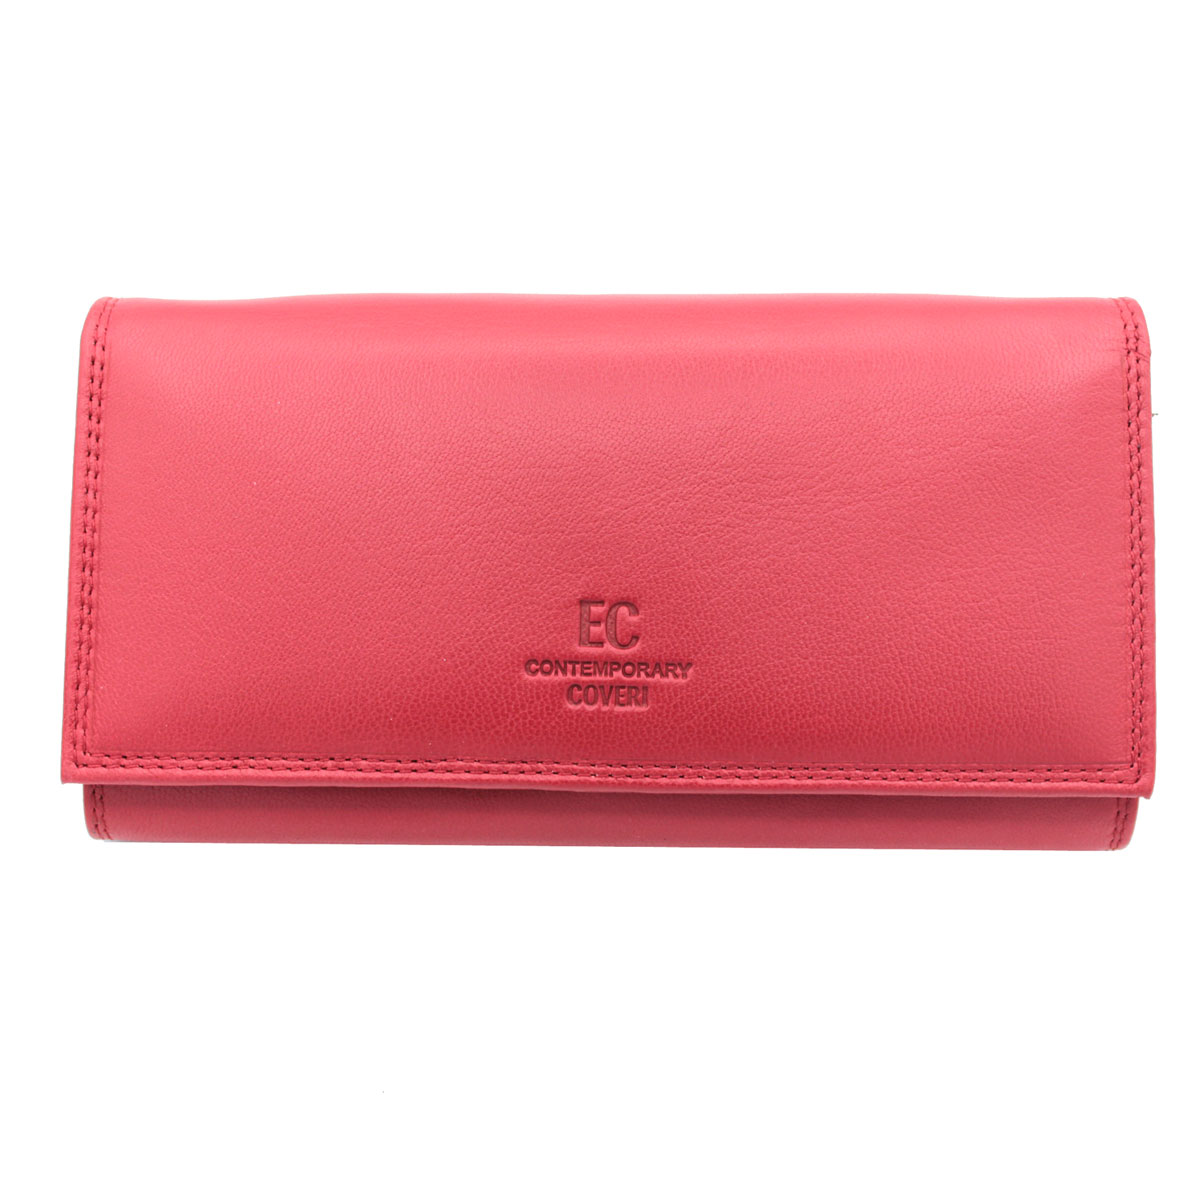 afe3574399 Portafoglio donna PELLE portamonete portafoto CONTEMPORARY COVERI 826-G105  rosso